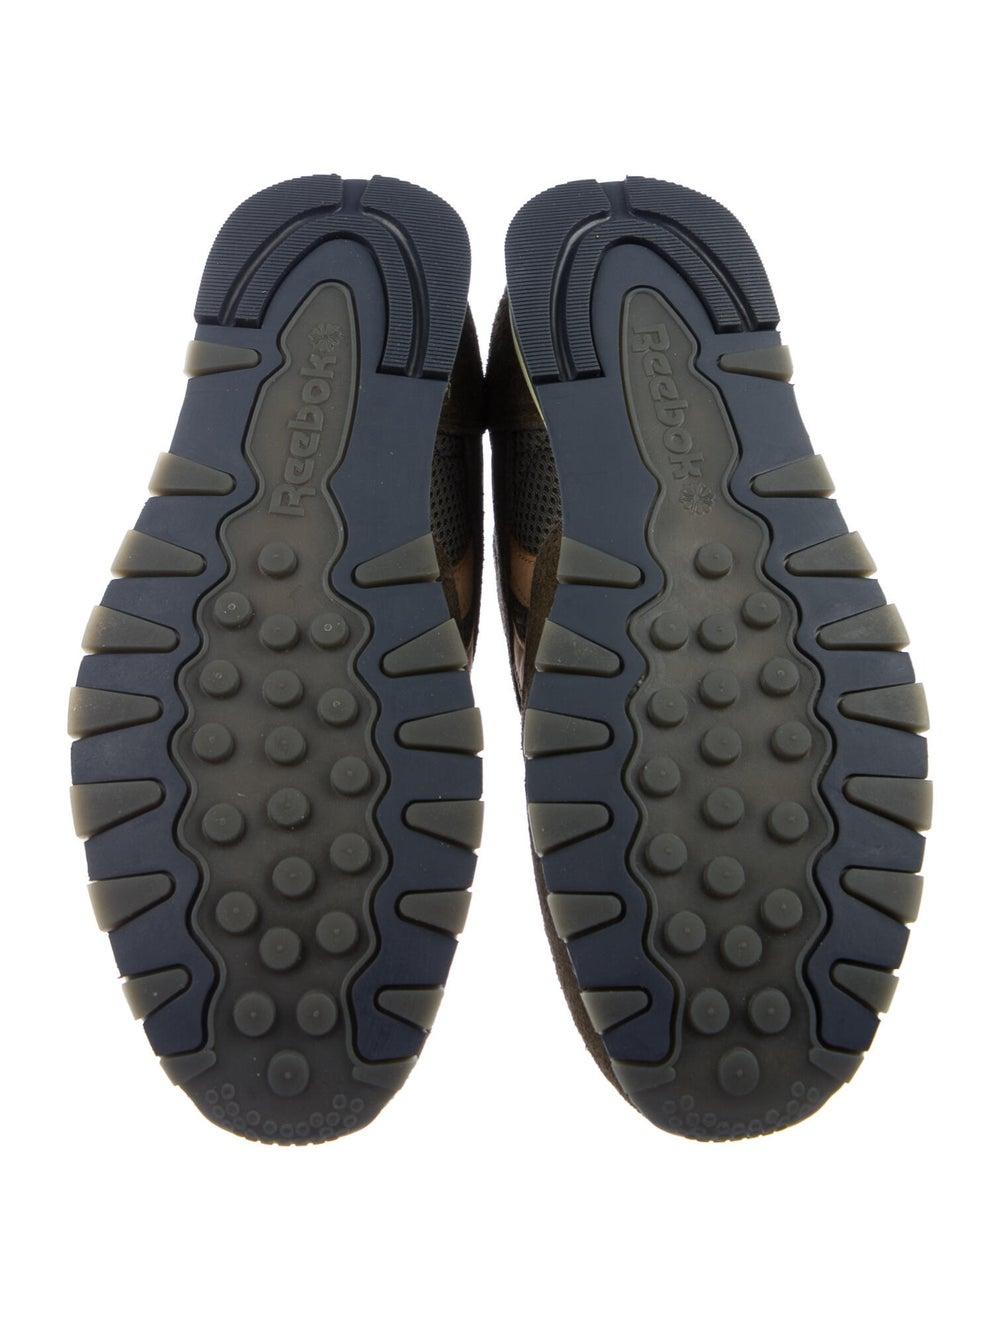 Reebok Suede Sneakers Green - image 5